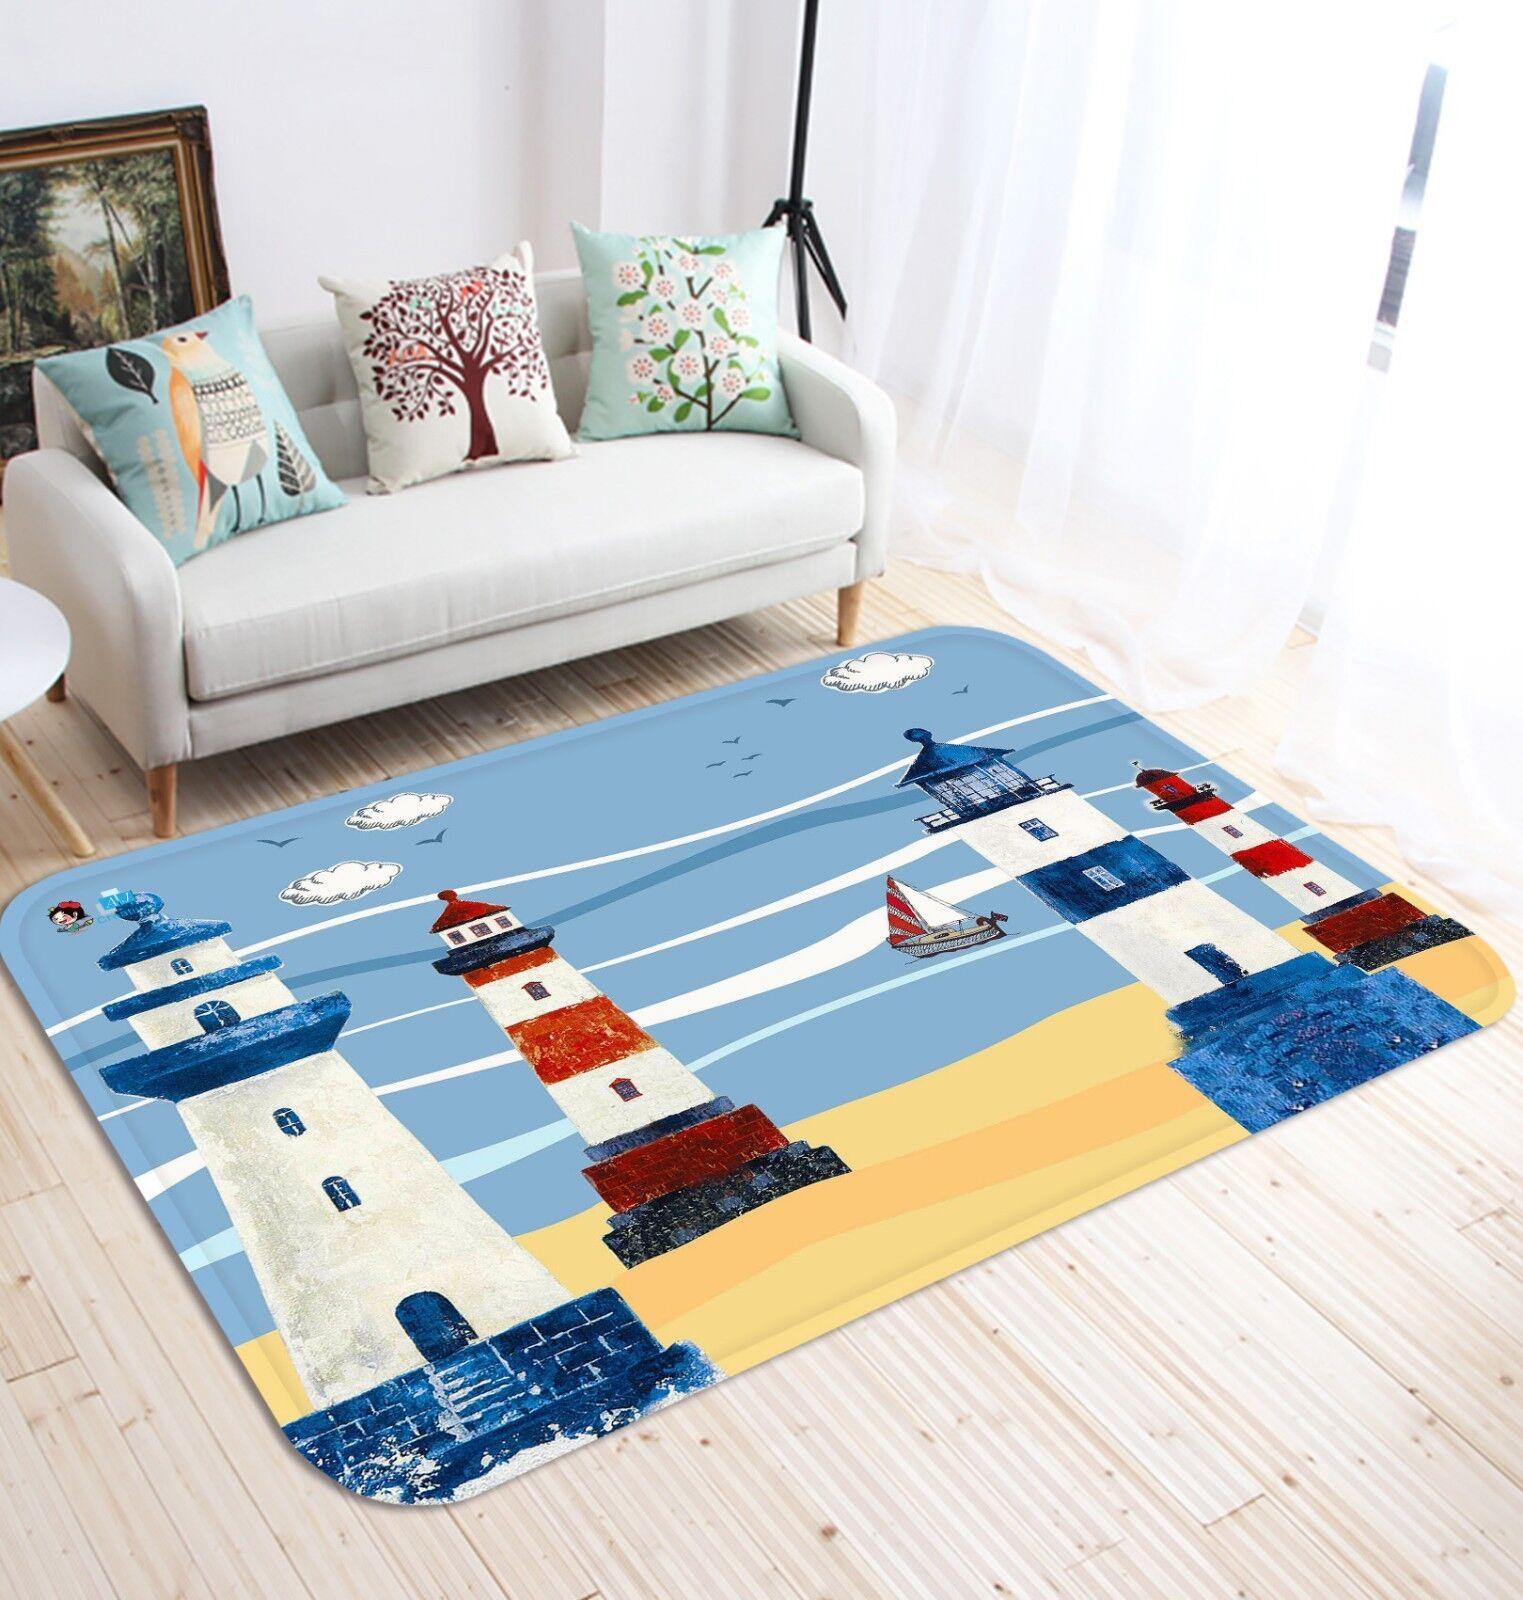 3D Gemalt Turm 066 066 066 Non-Slip Carpet Mat Quality Elegant Carpet DE Summer d6a43c